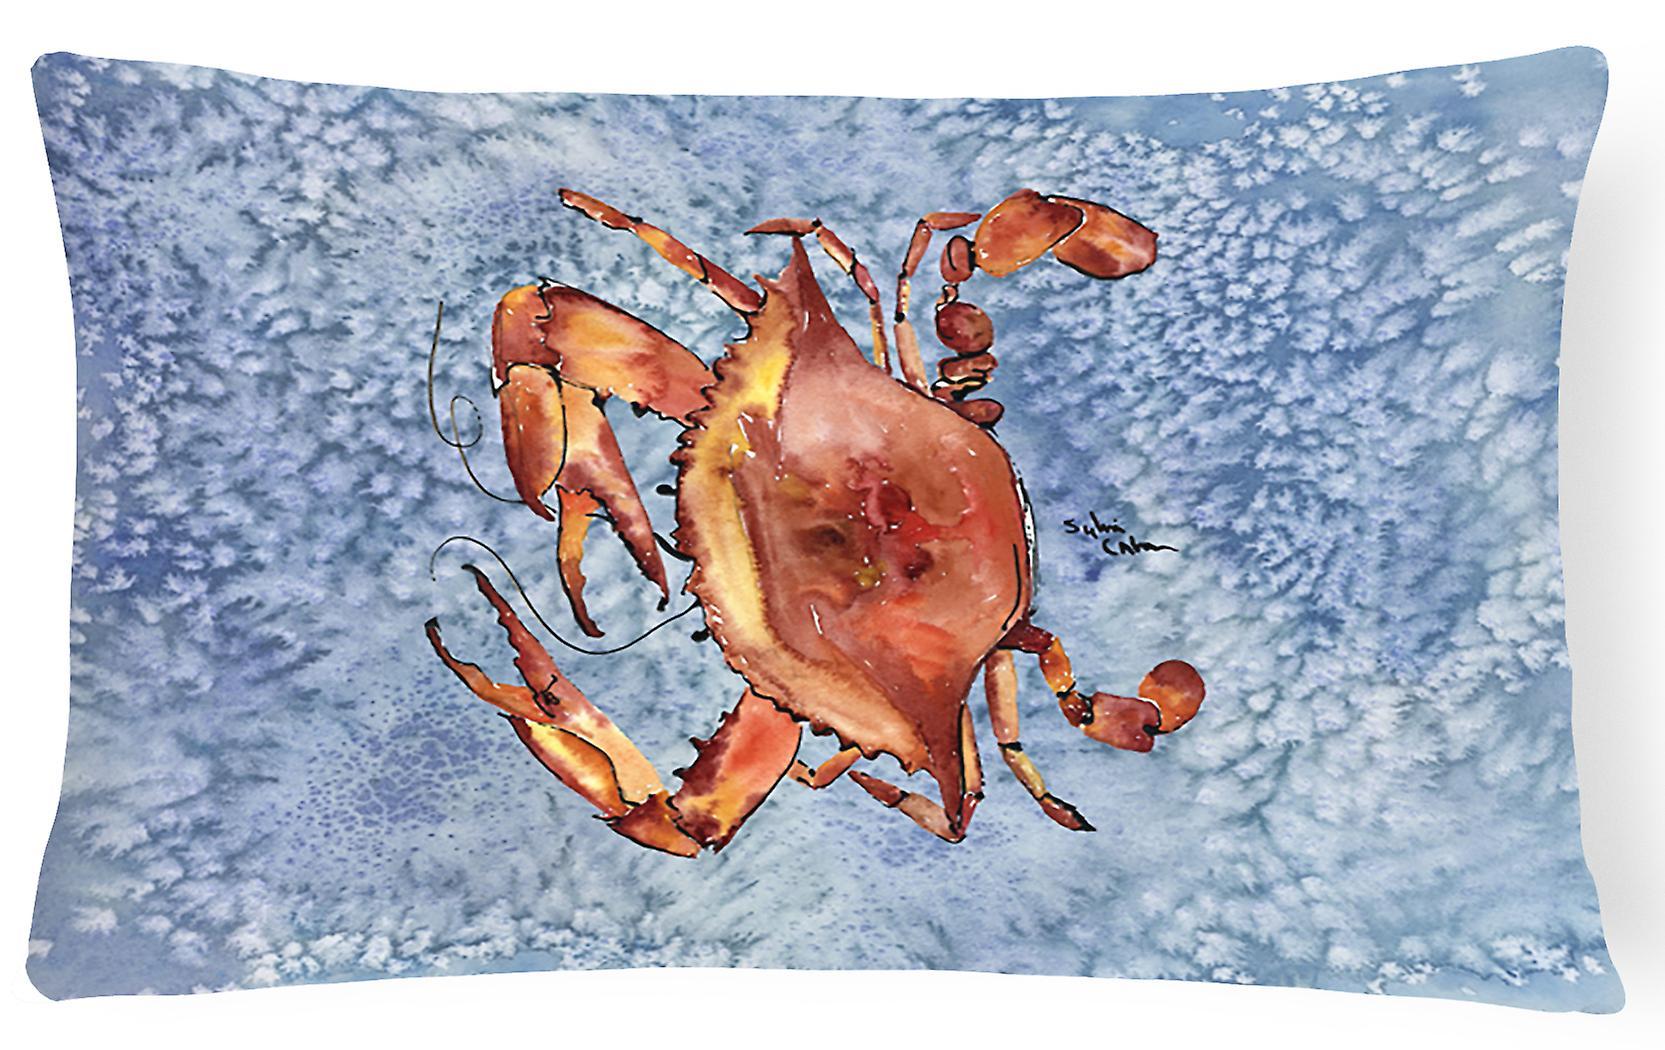 Toile Décoratif Crabe 8147pw1216 Oreiller Carolines Tissu Trésors Des yv6bYIf7g